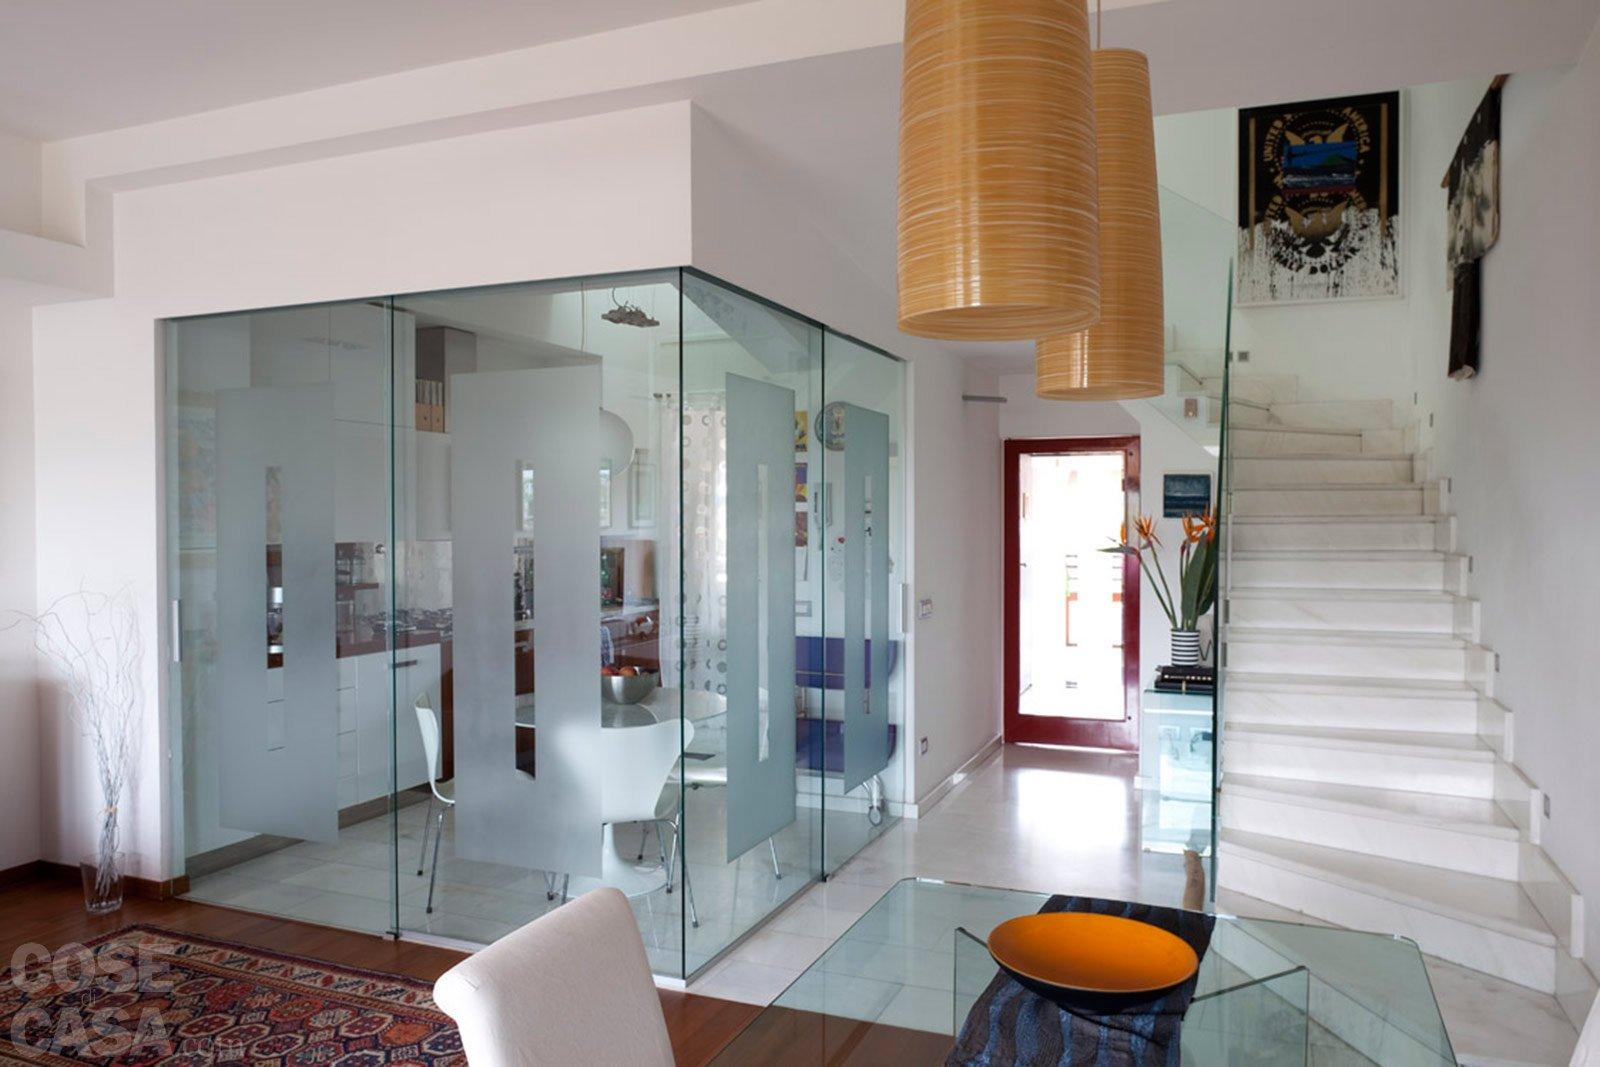 Una casa rinnovata nel look, con luce moltiplicata - Cose di Casa